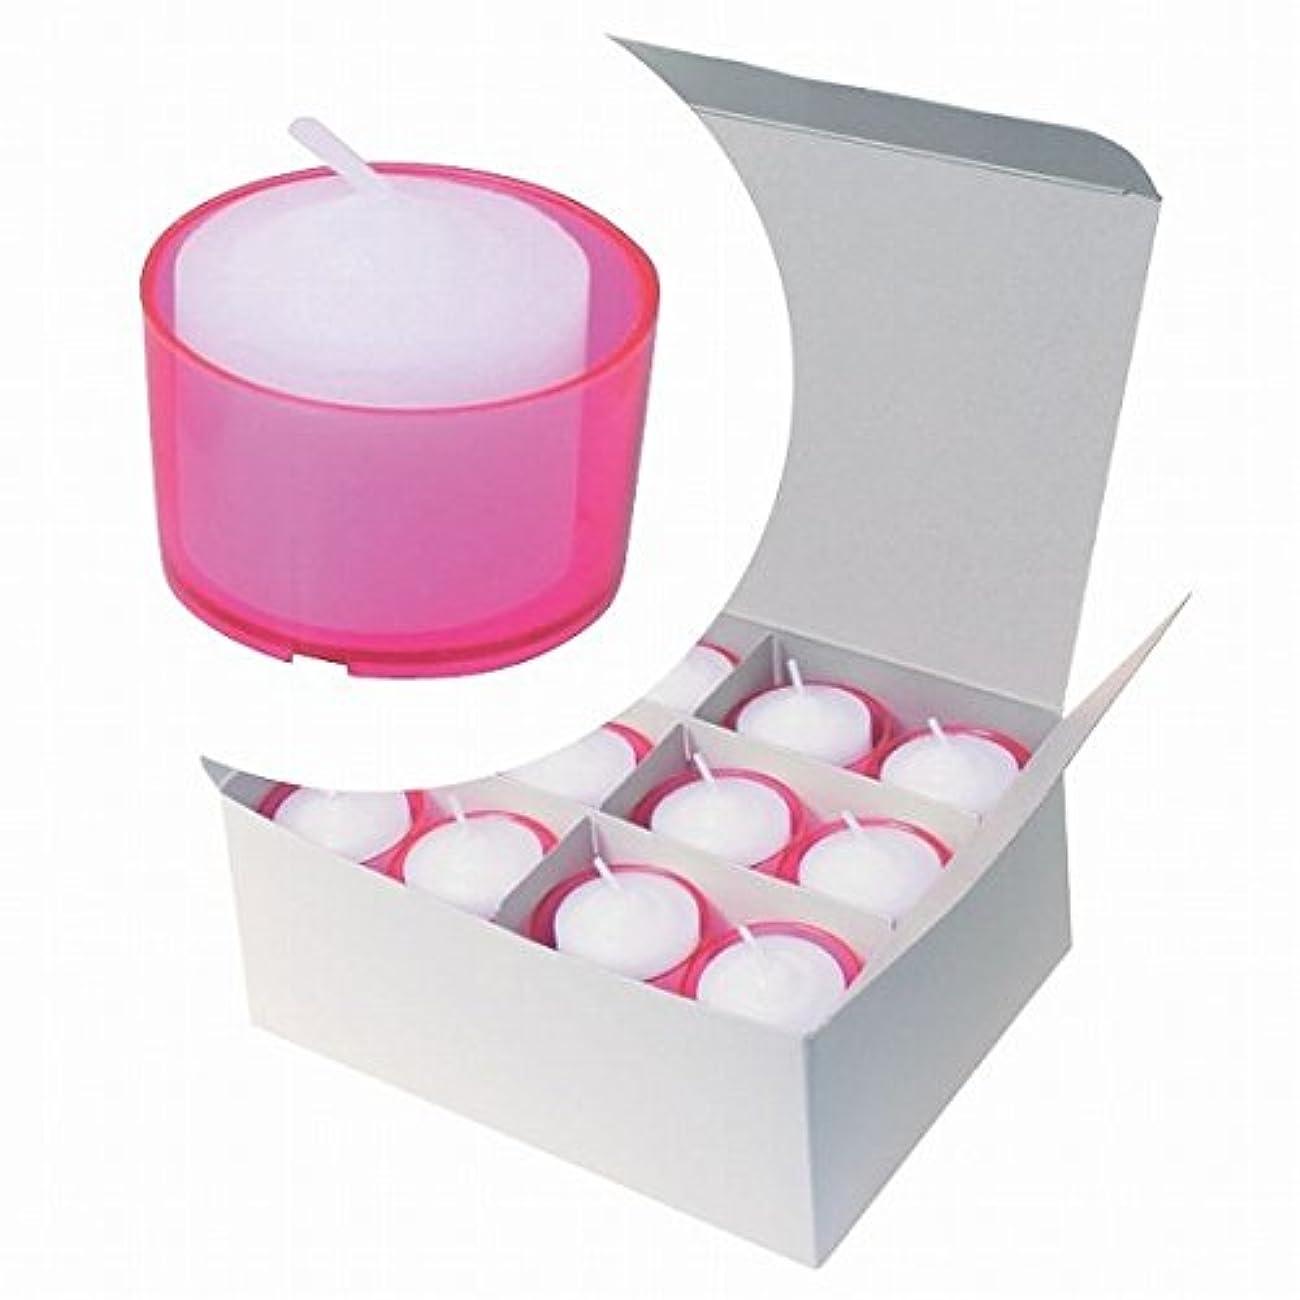 競うカエル天使カメヤマキャンドル(kameyama candle) カラークリアカップボーティブ6時間タイプ 24個入り 「 ピンク 」